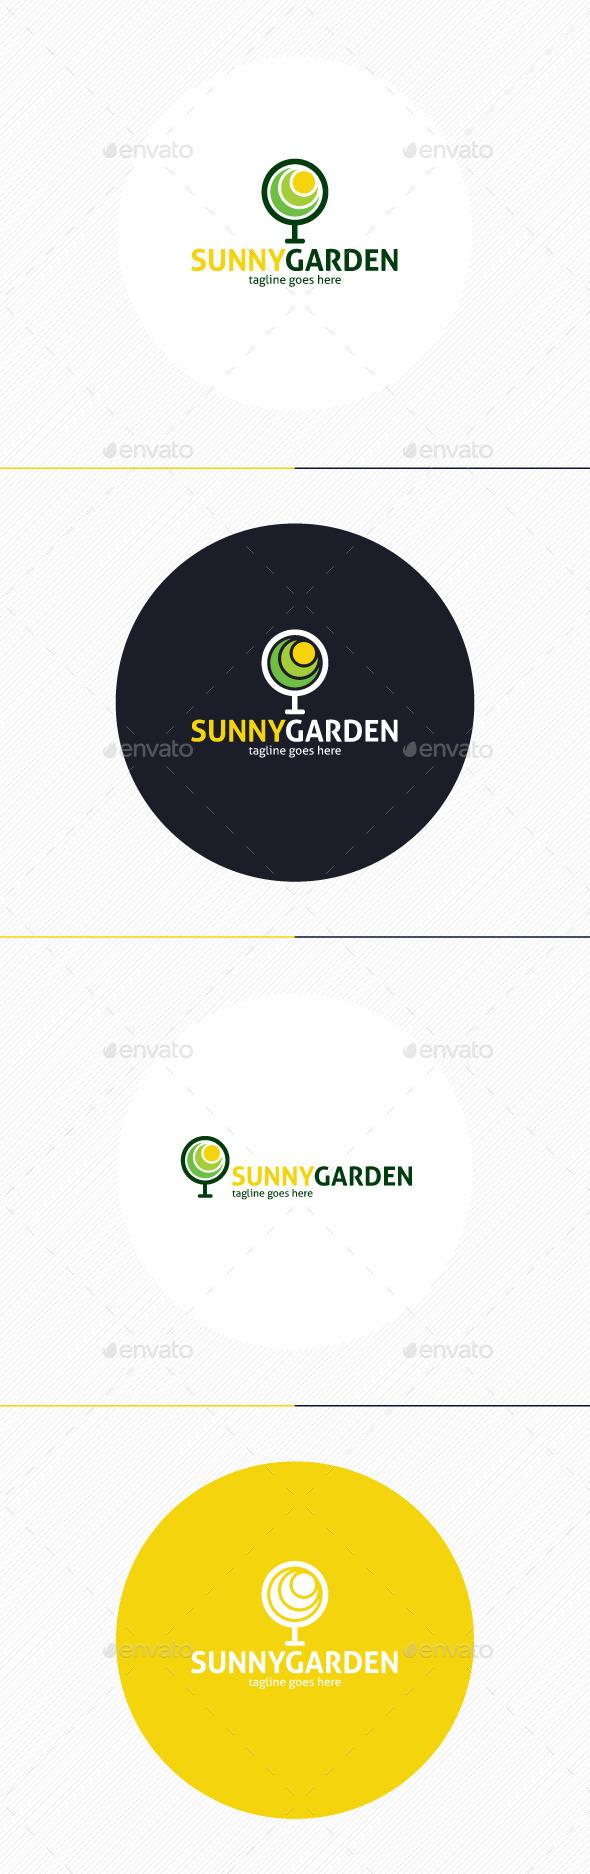 GraphicRiver Sunny Garden Logo 10932468